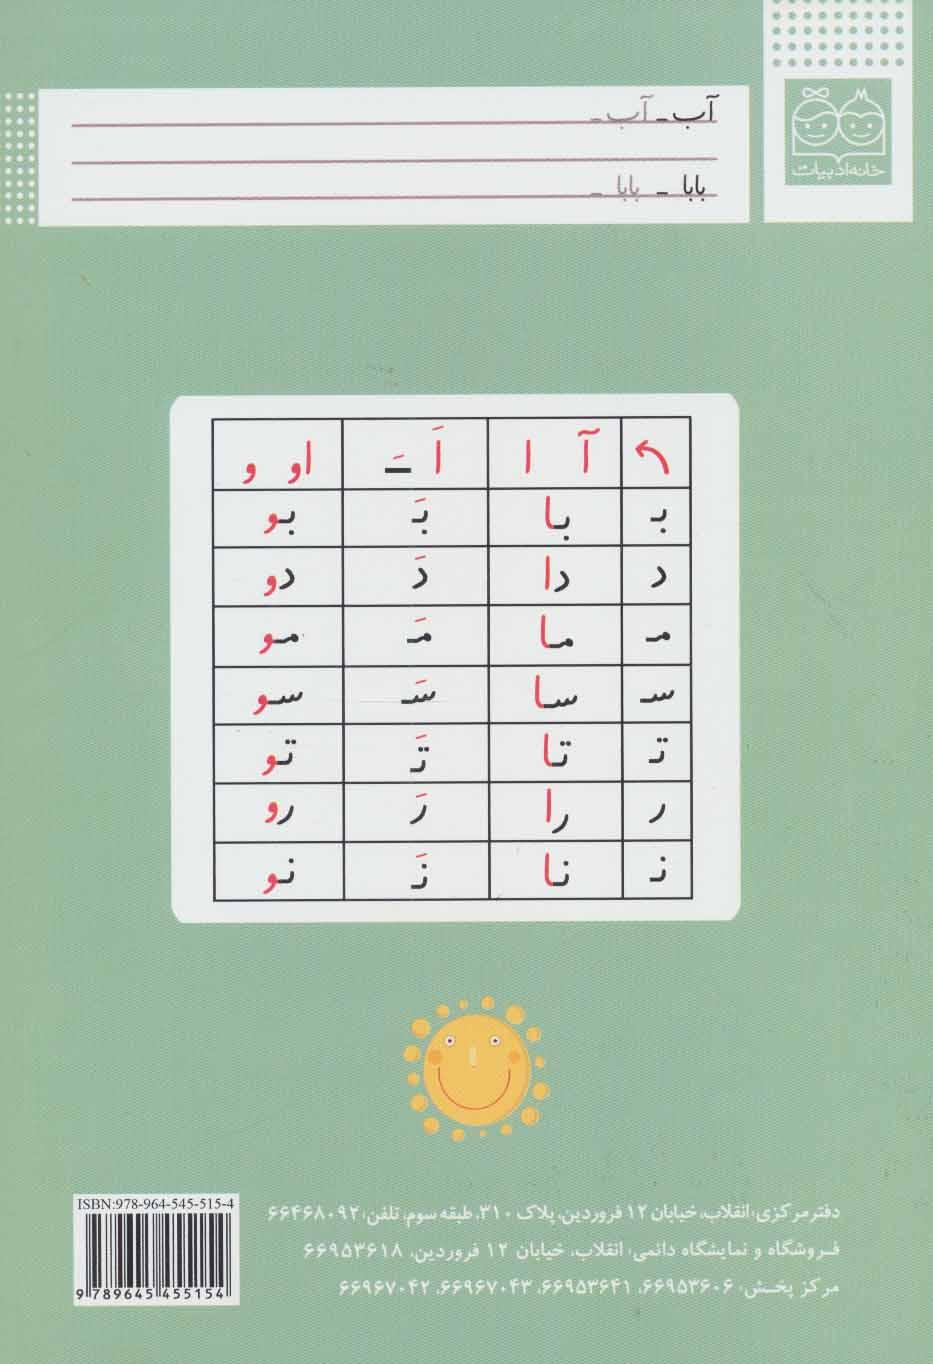 کلاس اولی،آسان بنویس 2 (مجموعه دفتر تمرین)